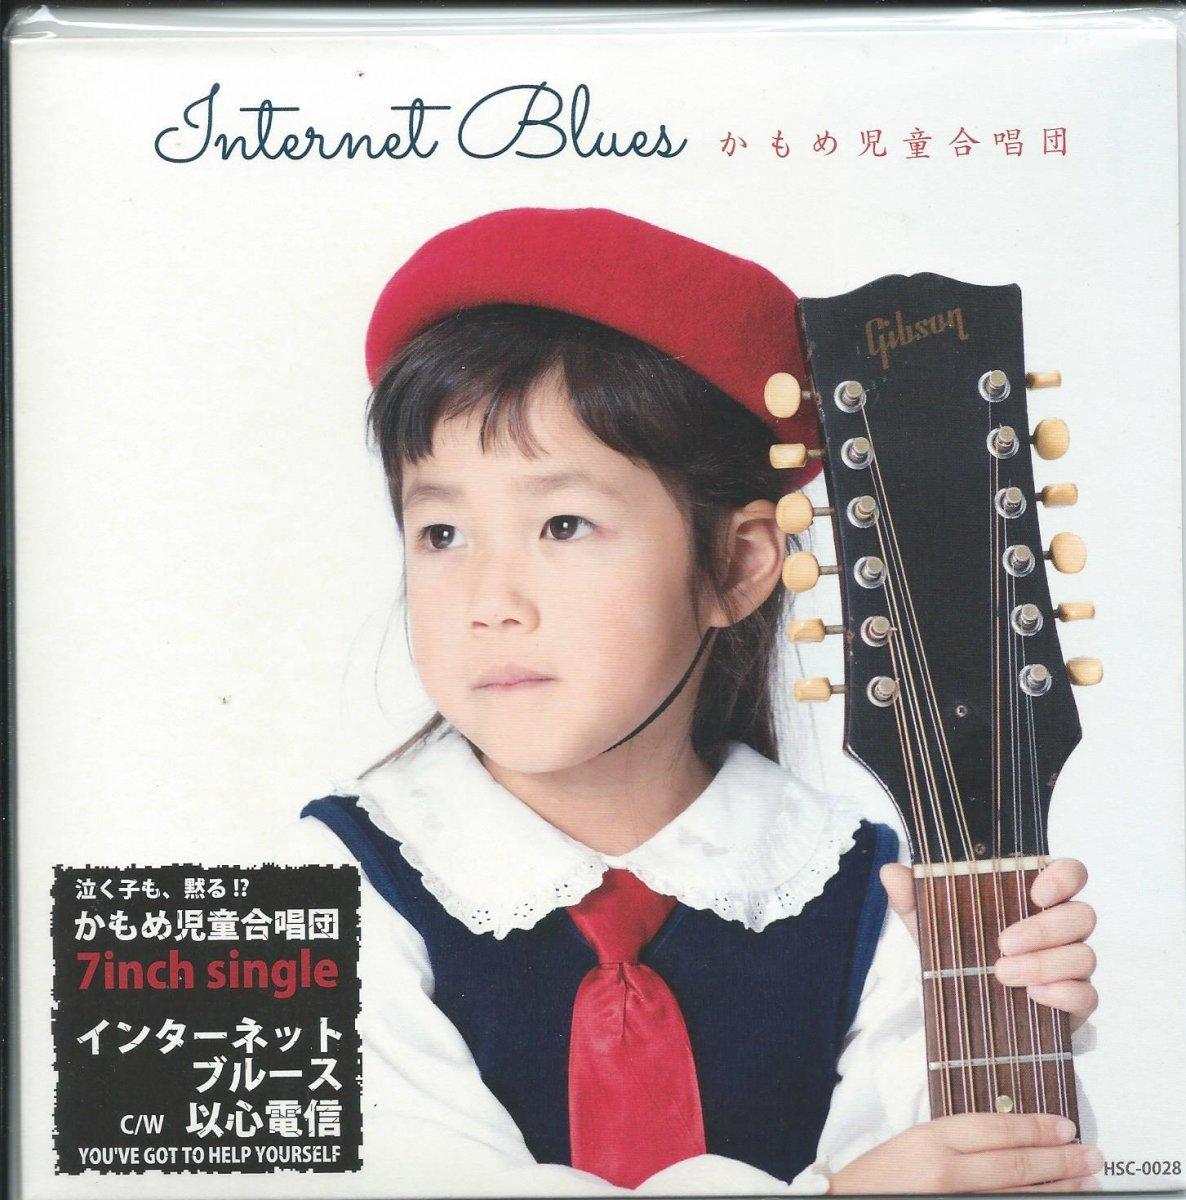 かもめ児童合唱団 / インターネット・ブルース INTERNET BLUES / 以心電信 (7